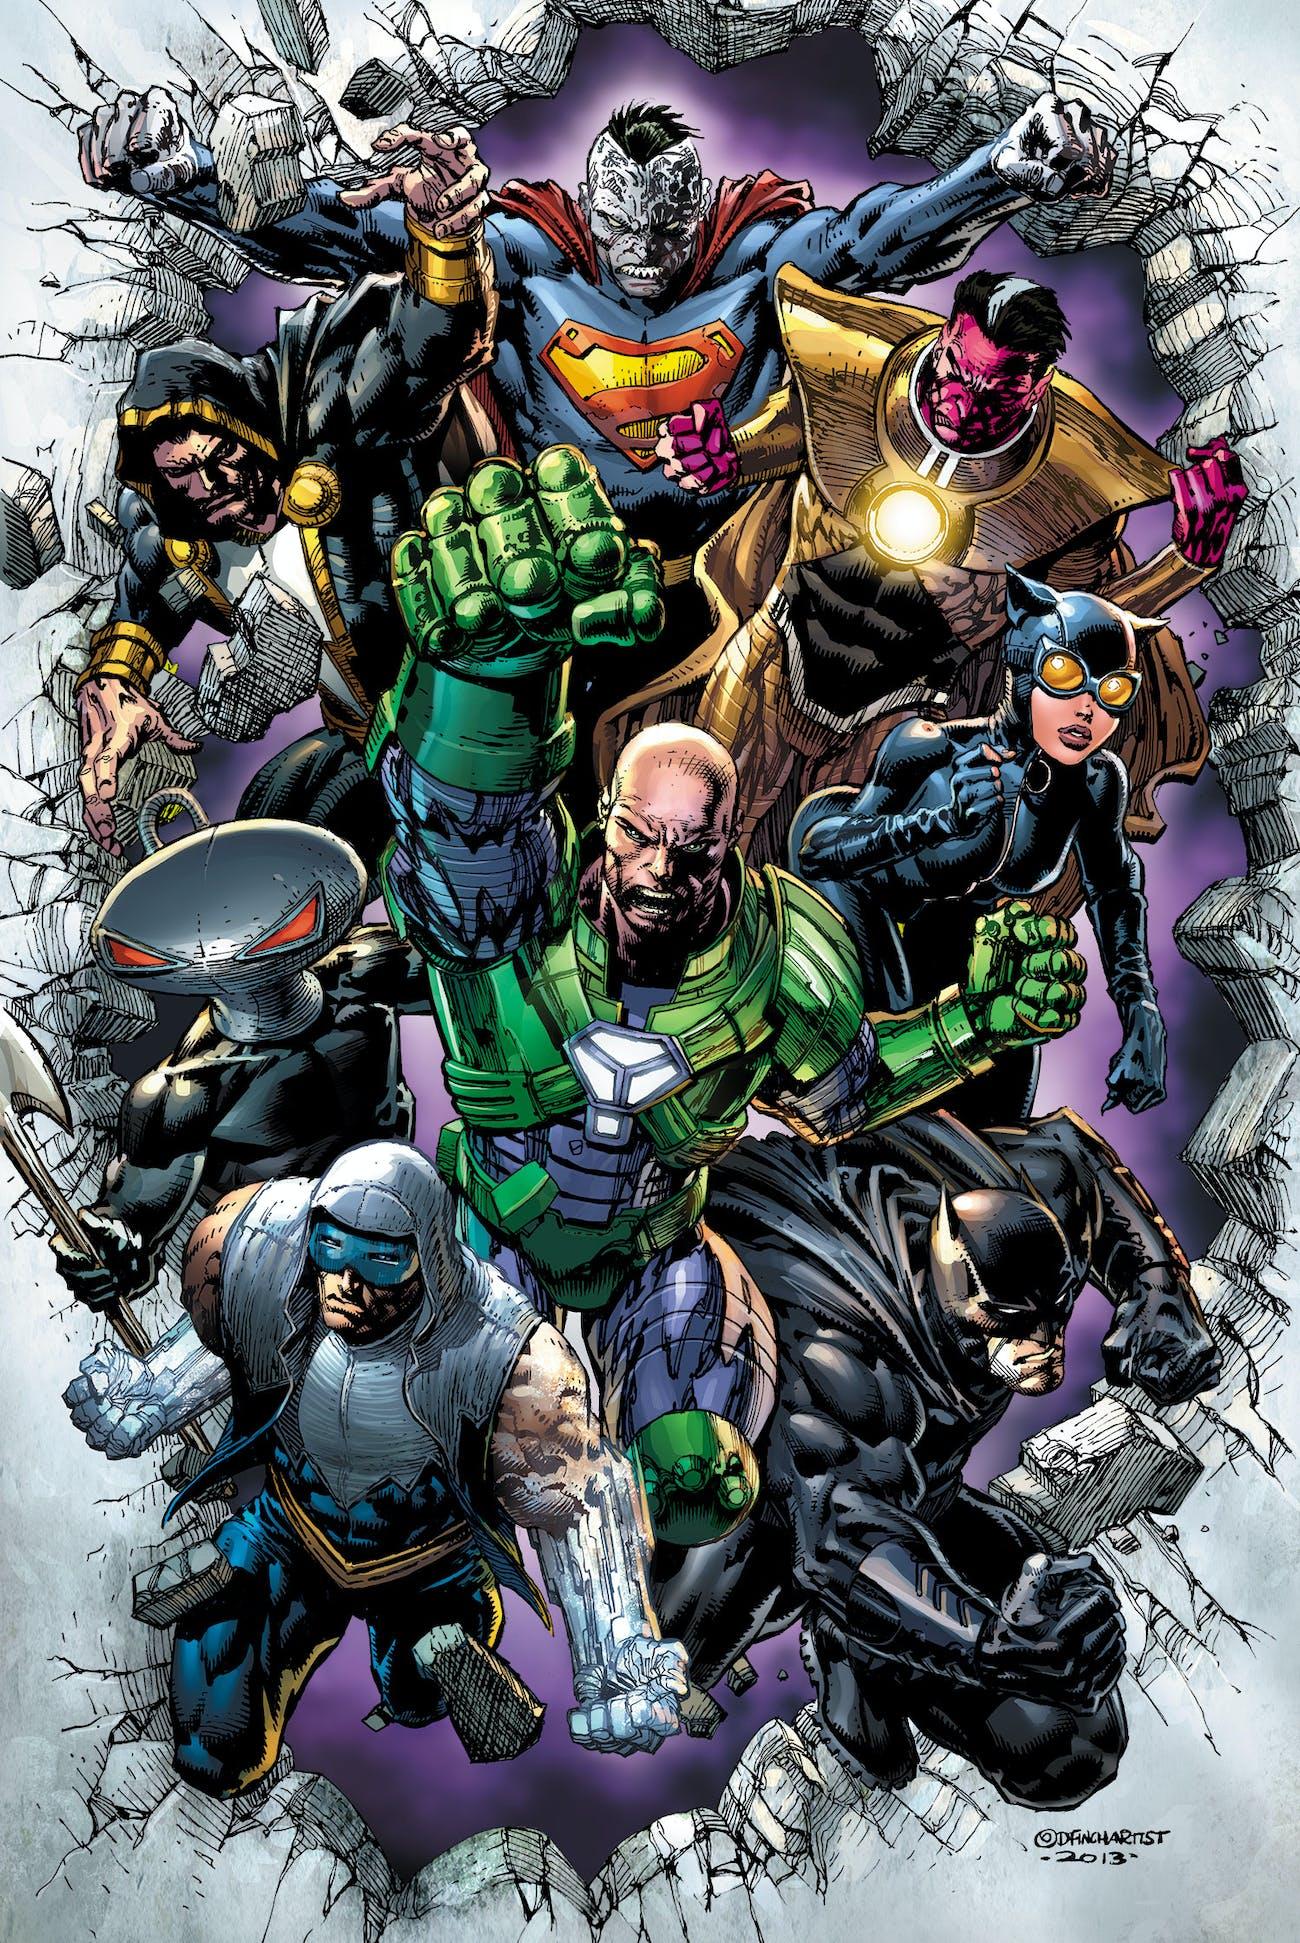 Injustice Justice League